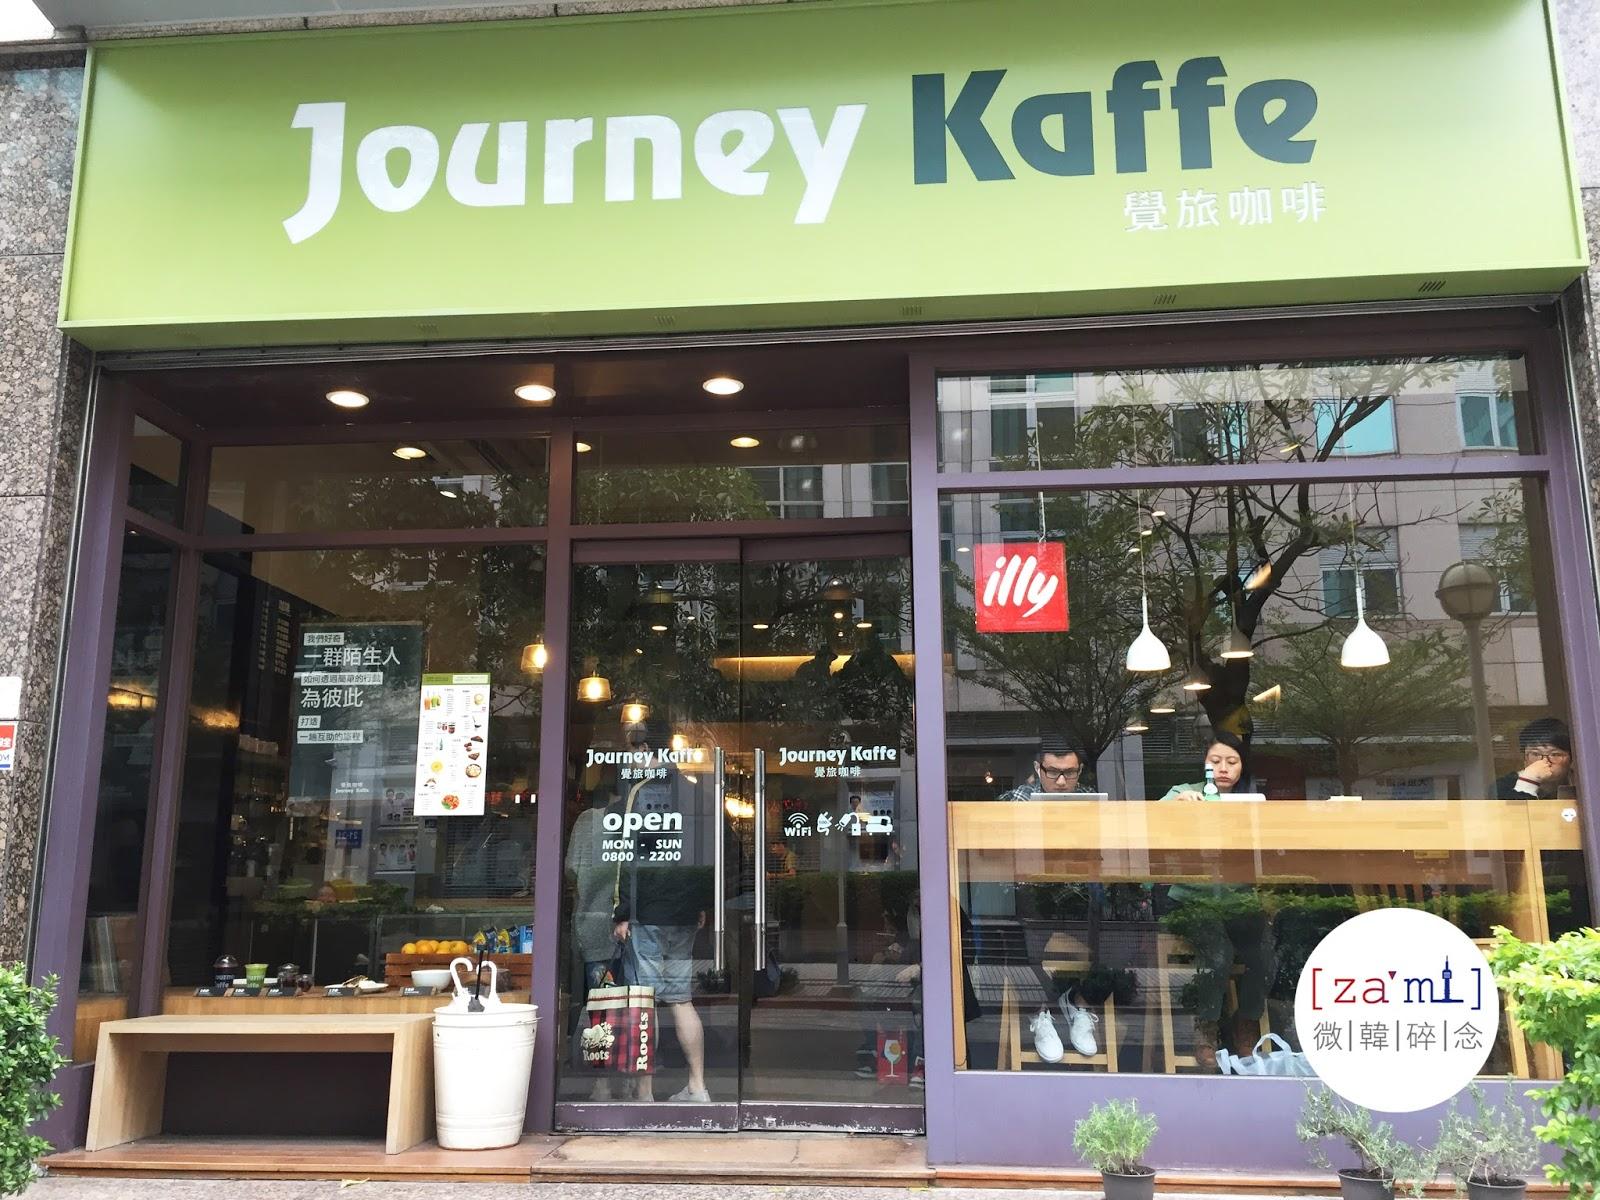 不專業食記 |臺北內湖 / 覺旅咖啡 Journey kaffe (傳說中的木盆沙拉)